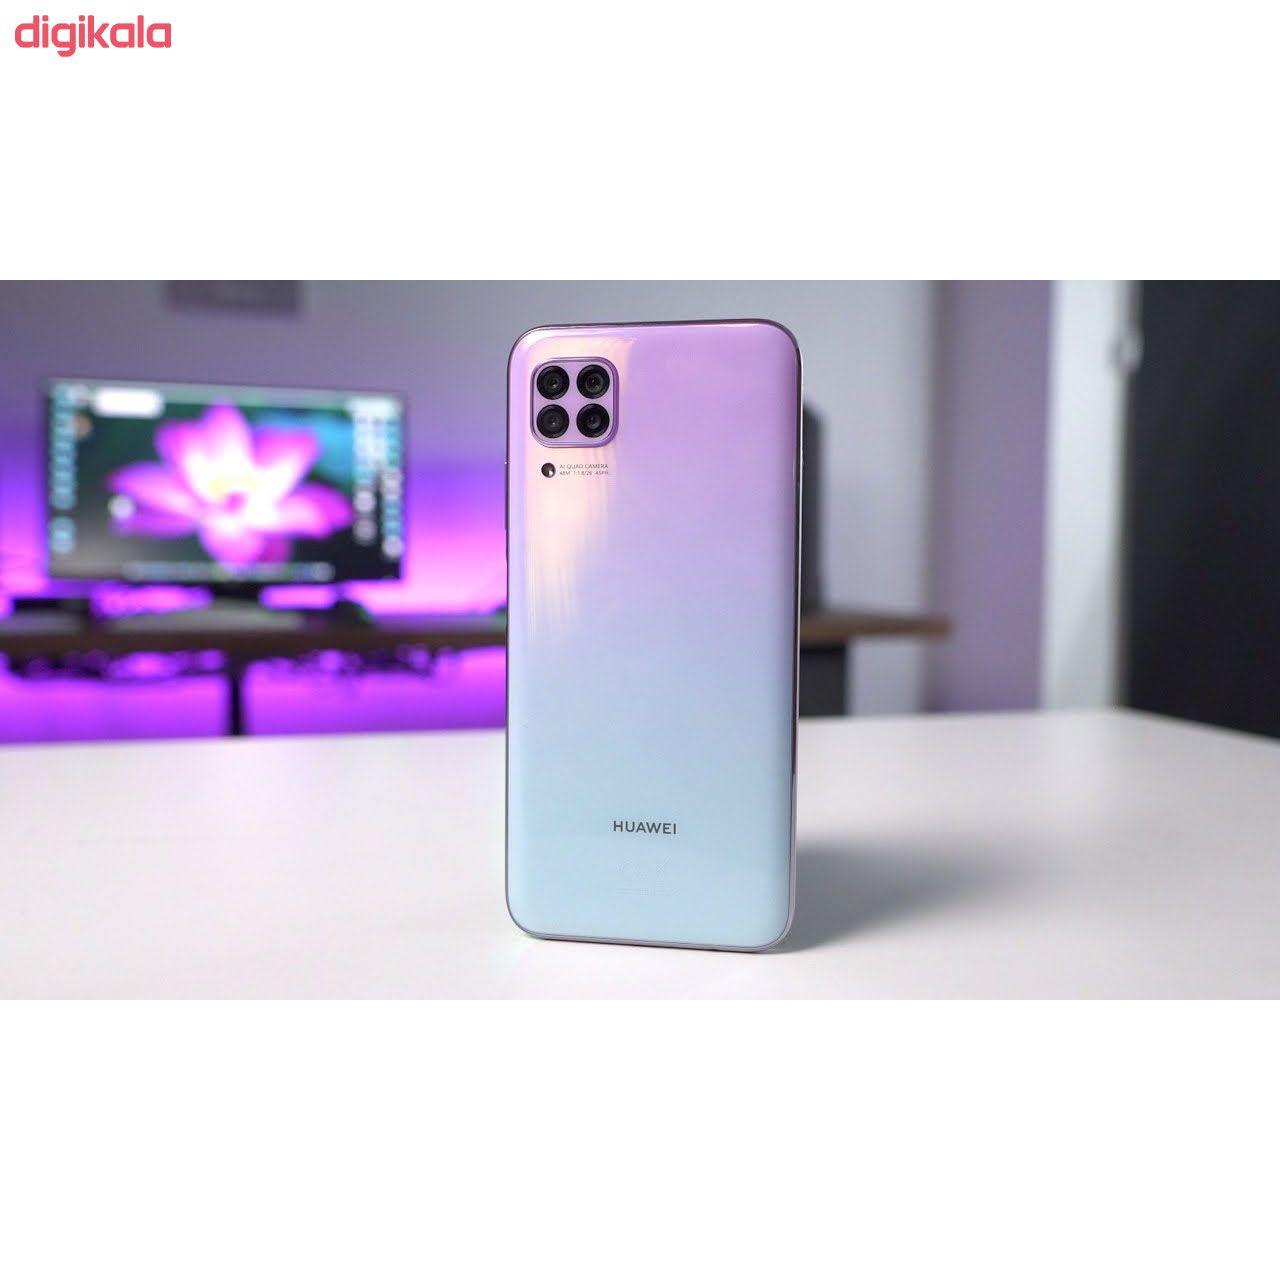 گوشی موبایل هوآوی مدل Nova 7i JNY-LX1 دو سیم کارت ظرفیت 128 گیگابایت main 1 26